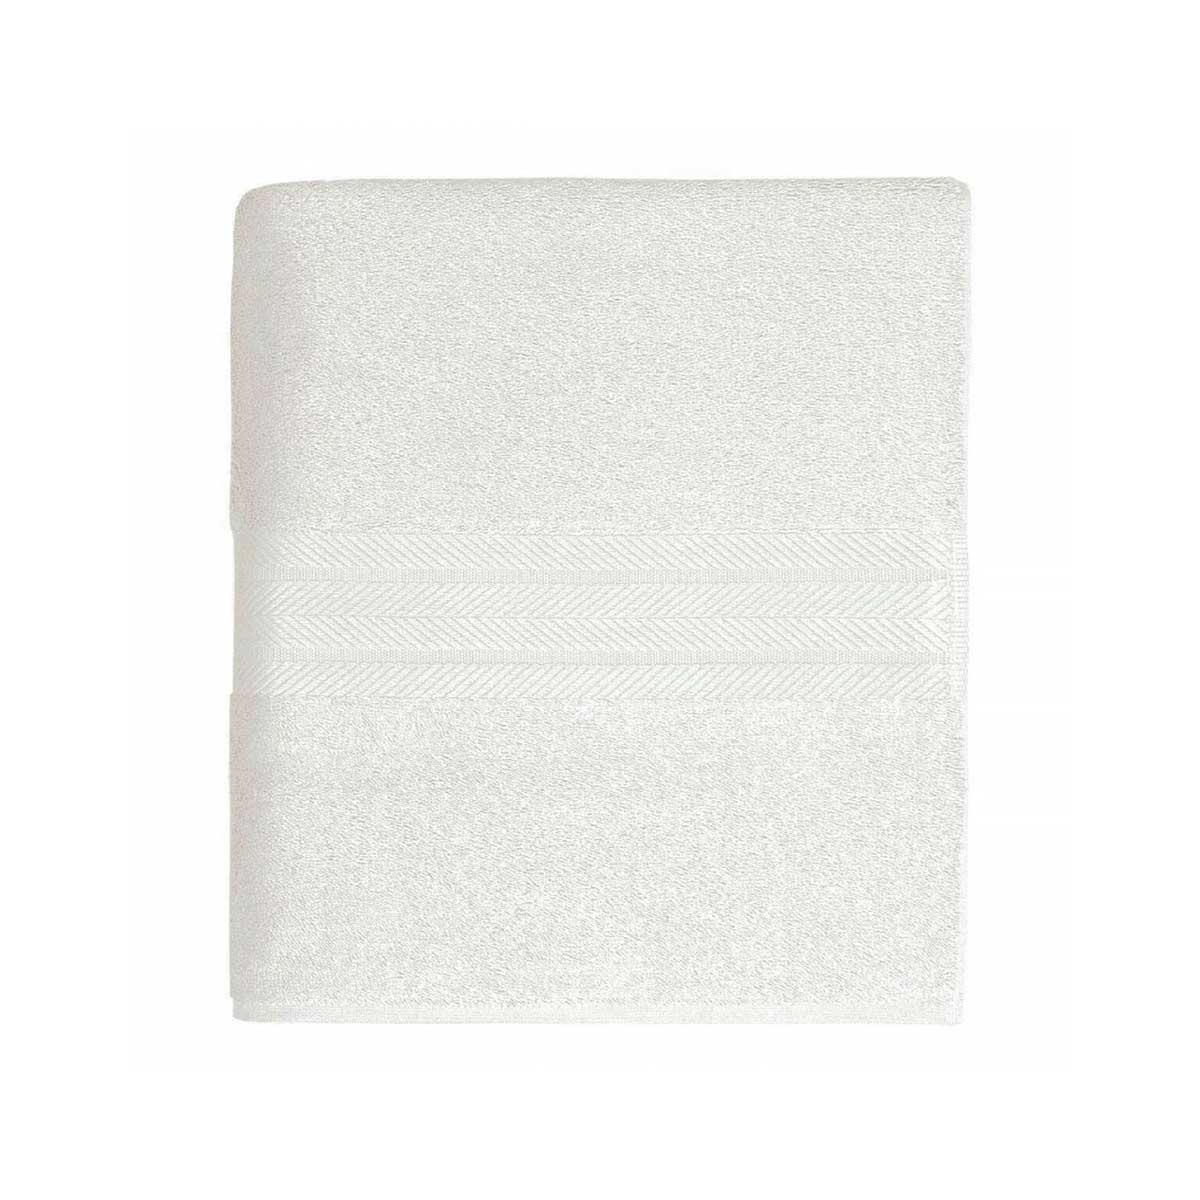 Linge de bain en coton moelleux 550gr/m² - Blanc - 70 x 140 cm